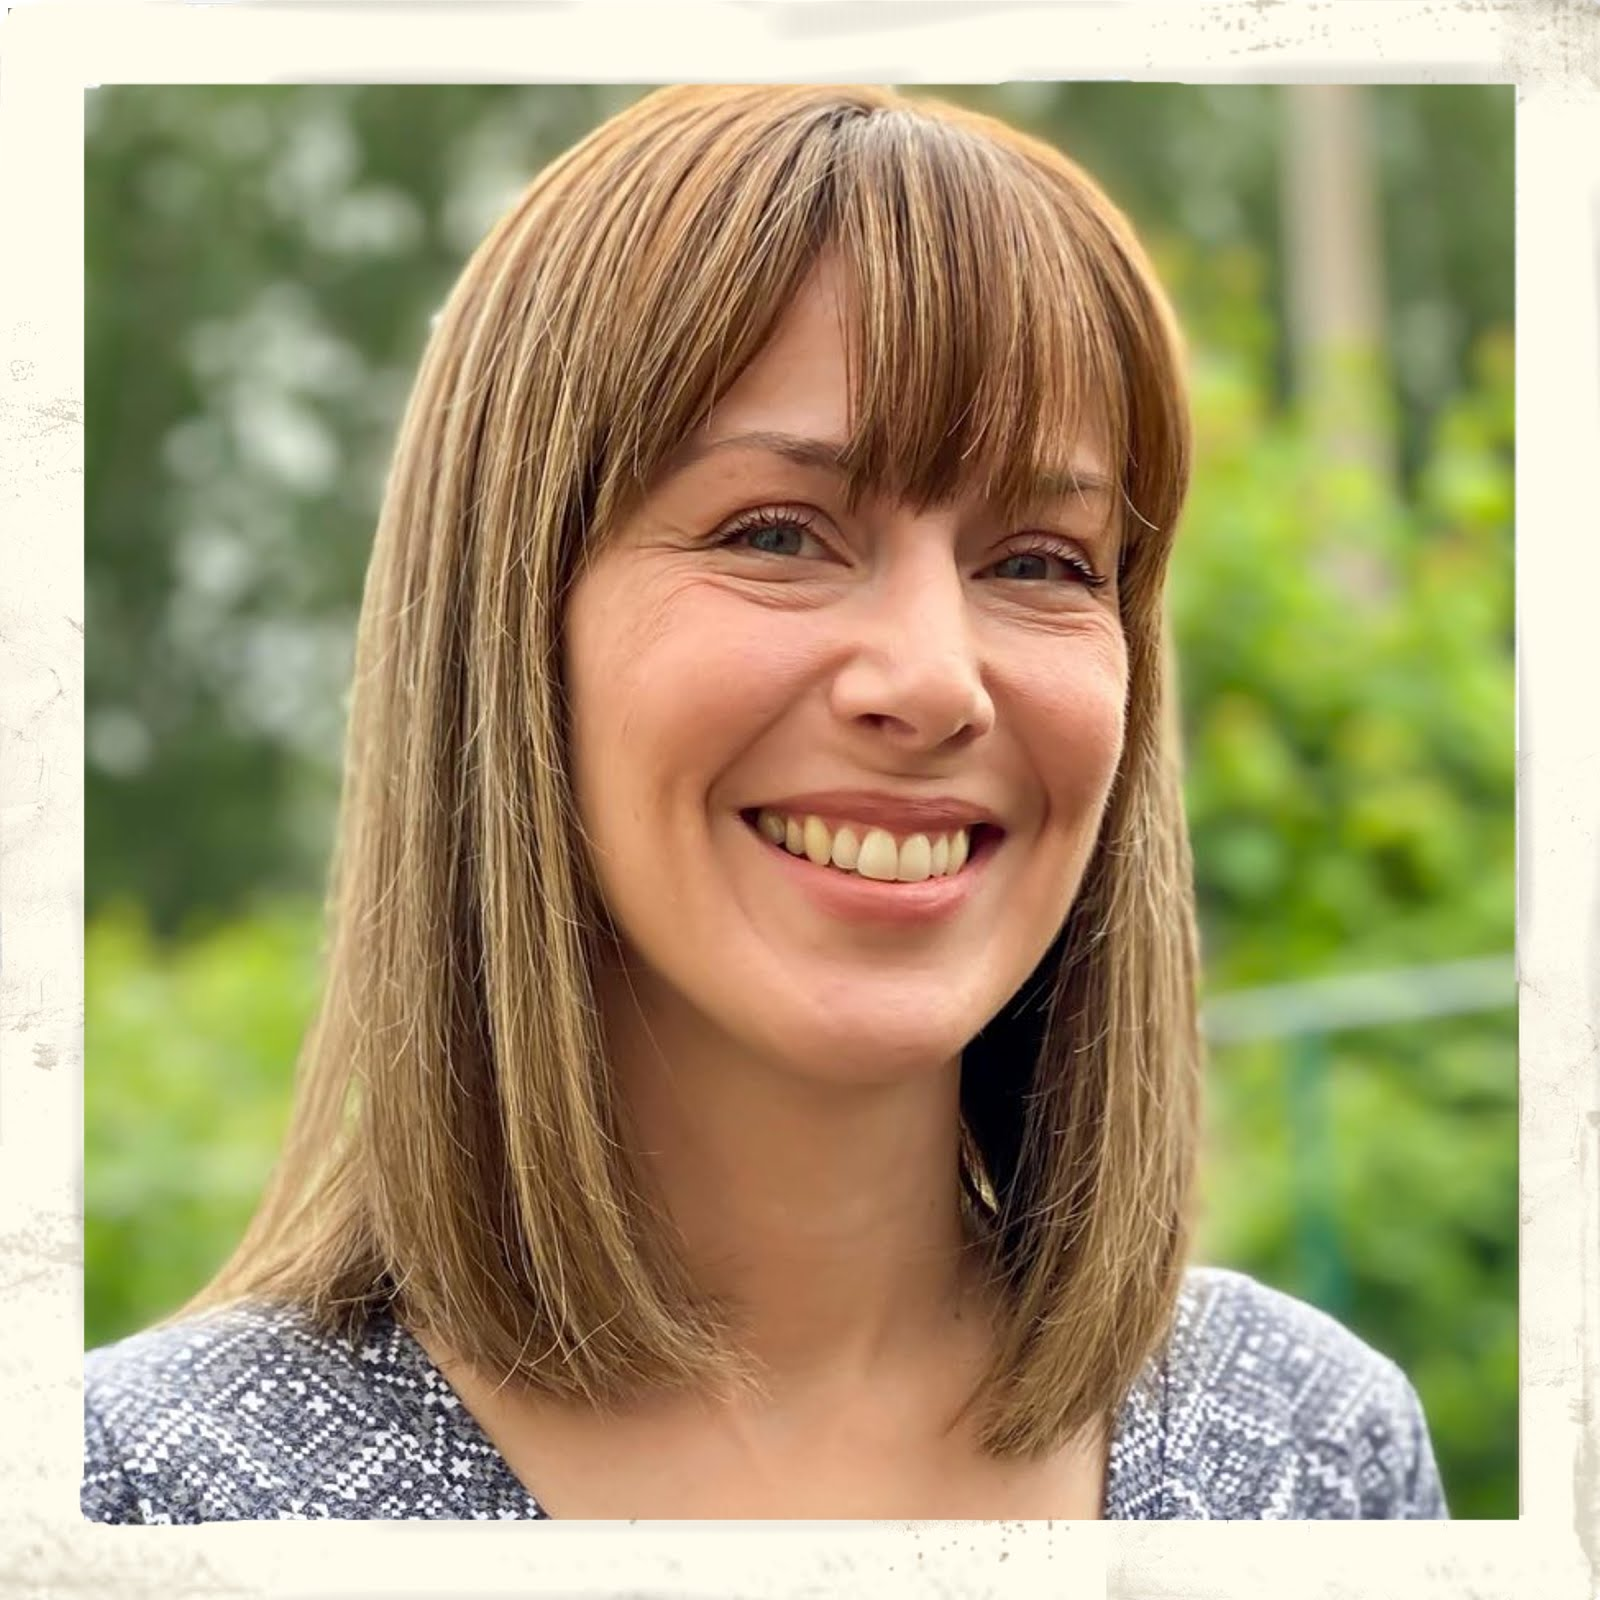 Jennifer Picard